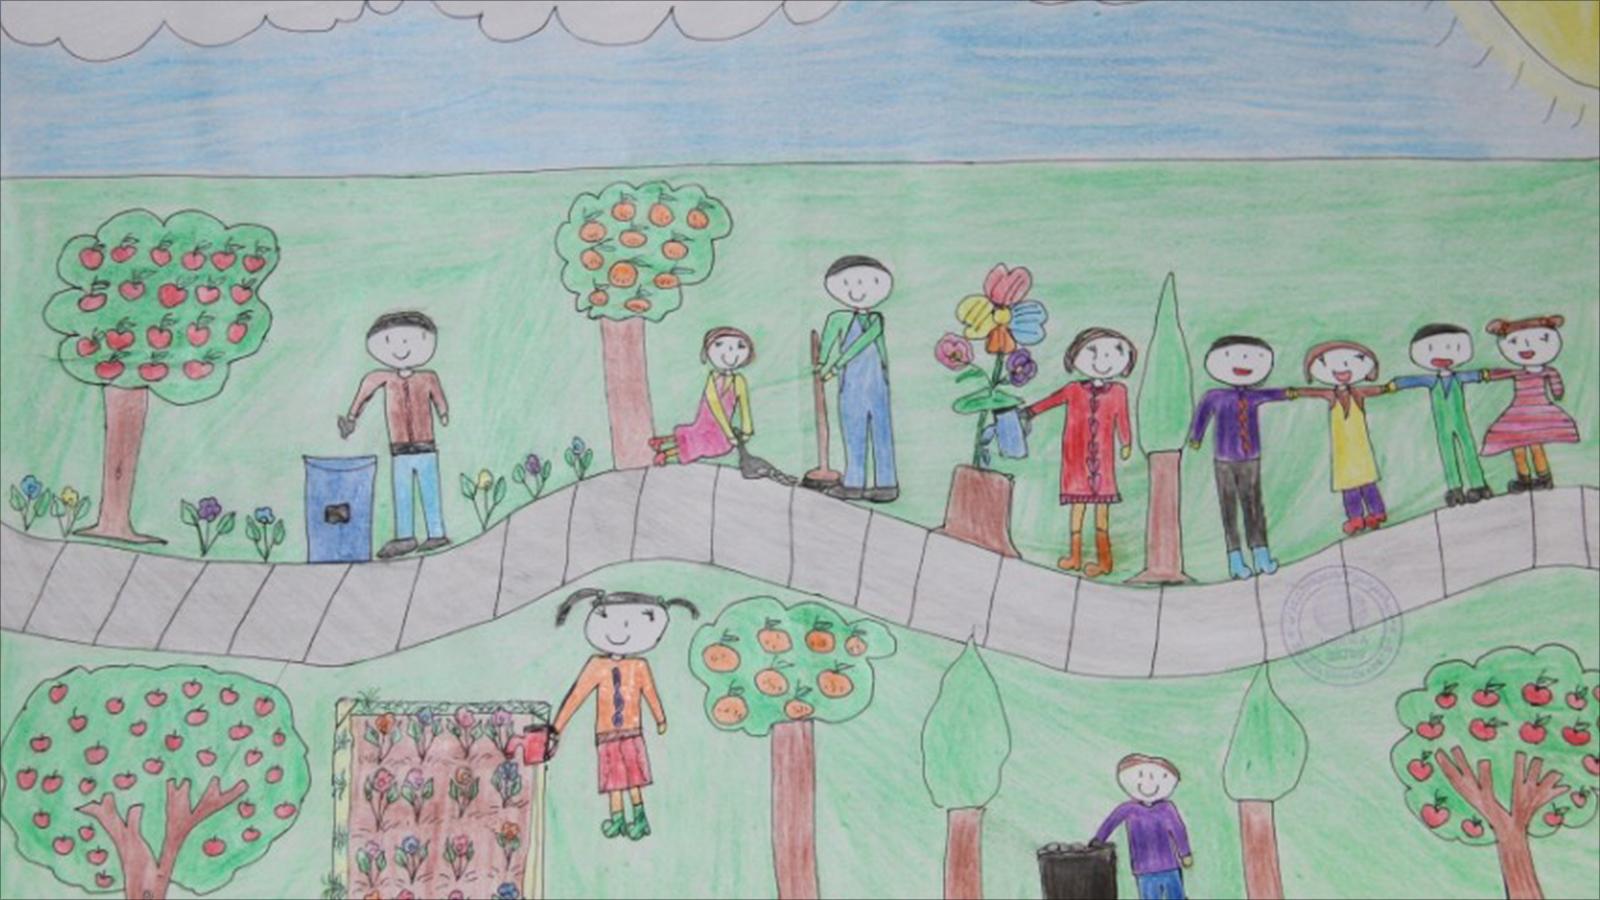 أطفال غزة يجسدون ألم العدوان في رسوماتهم